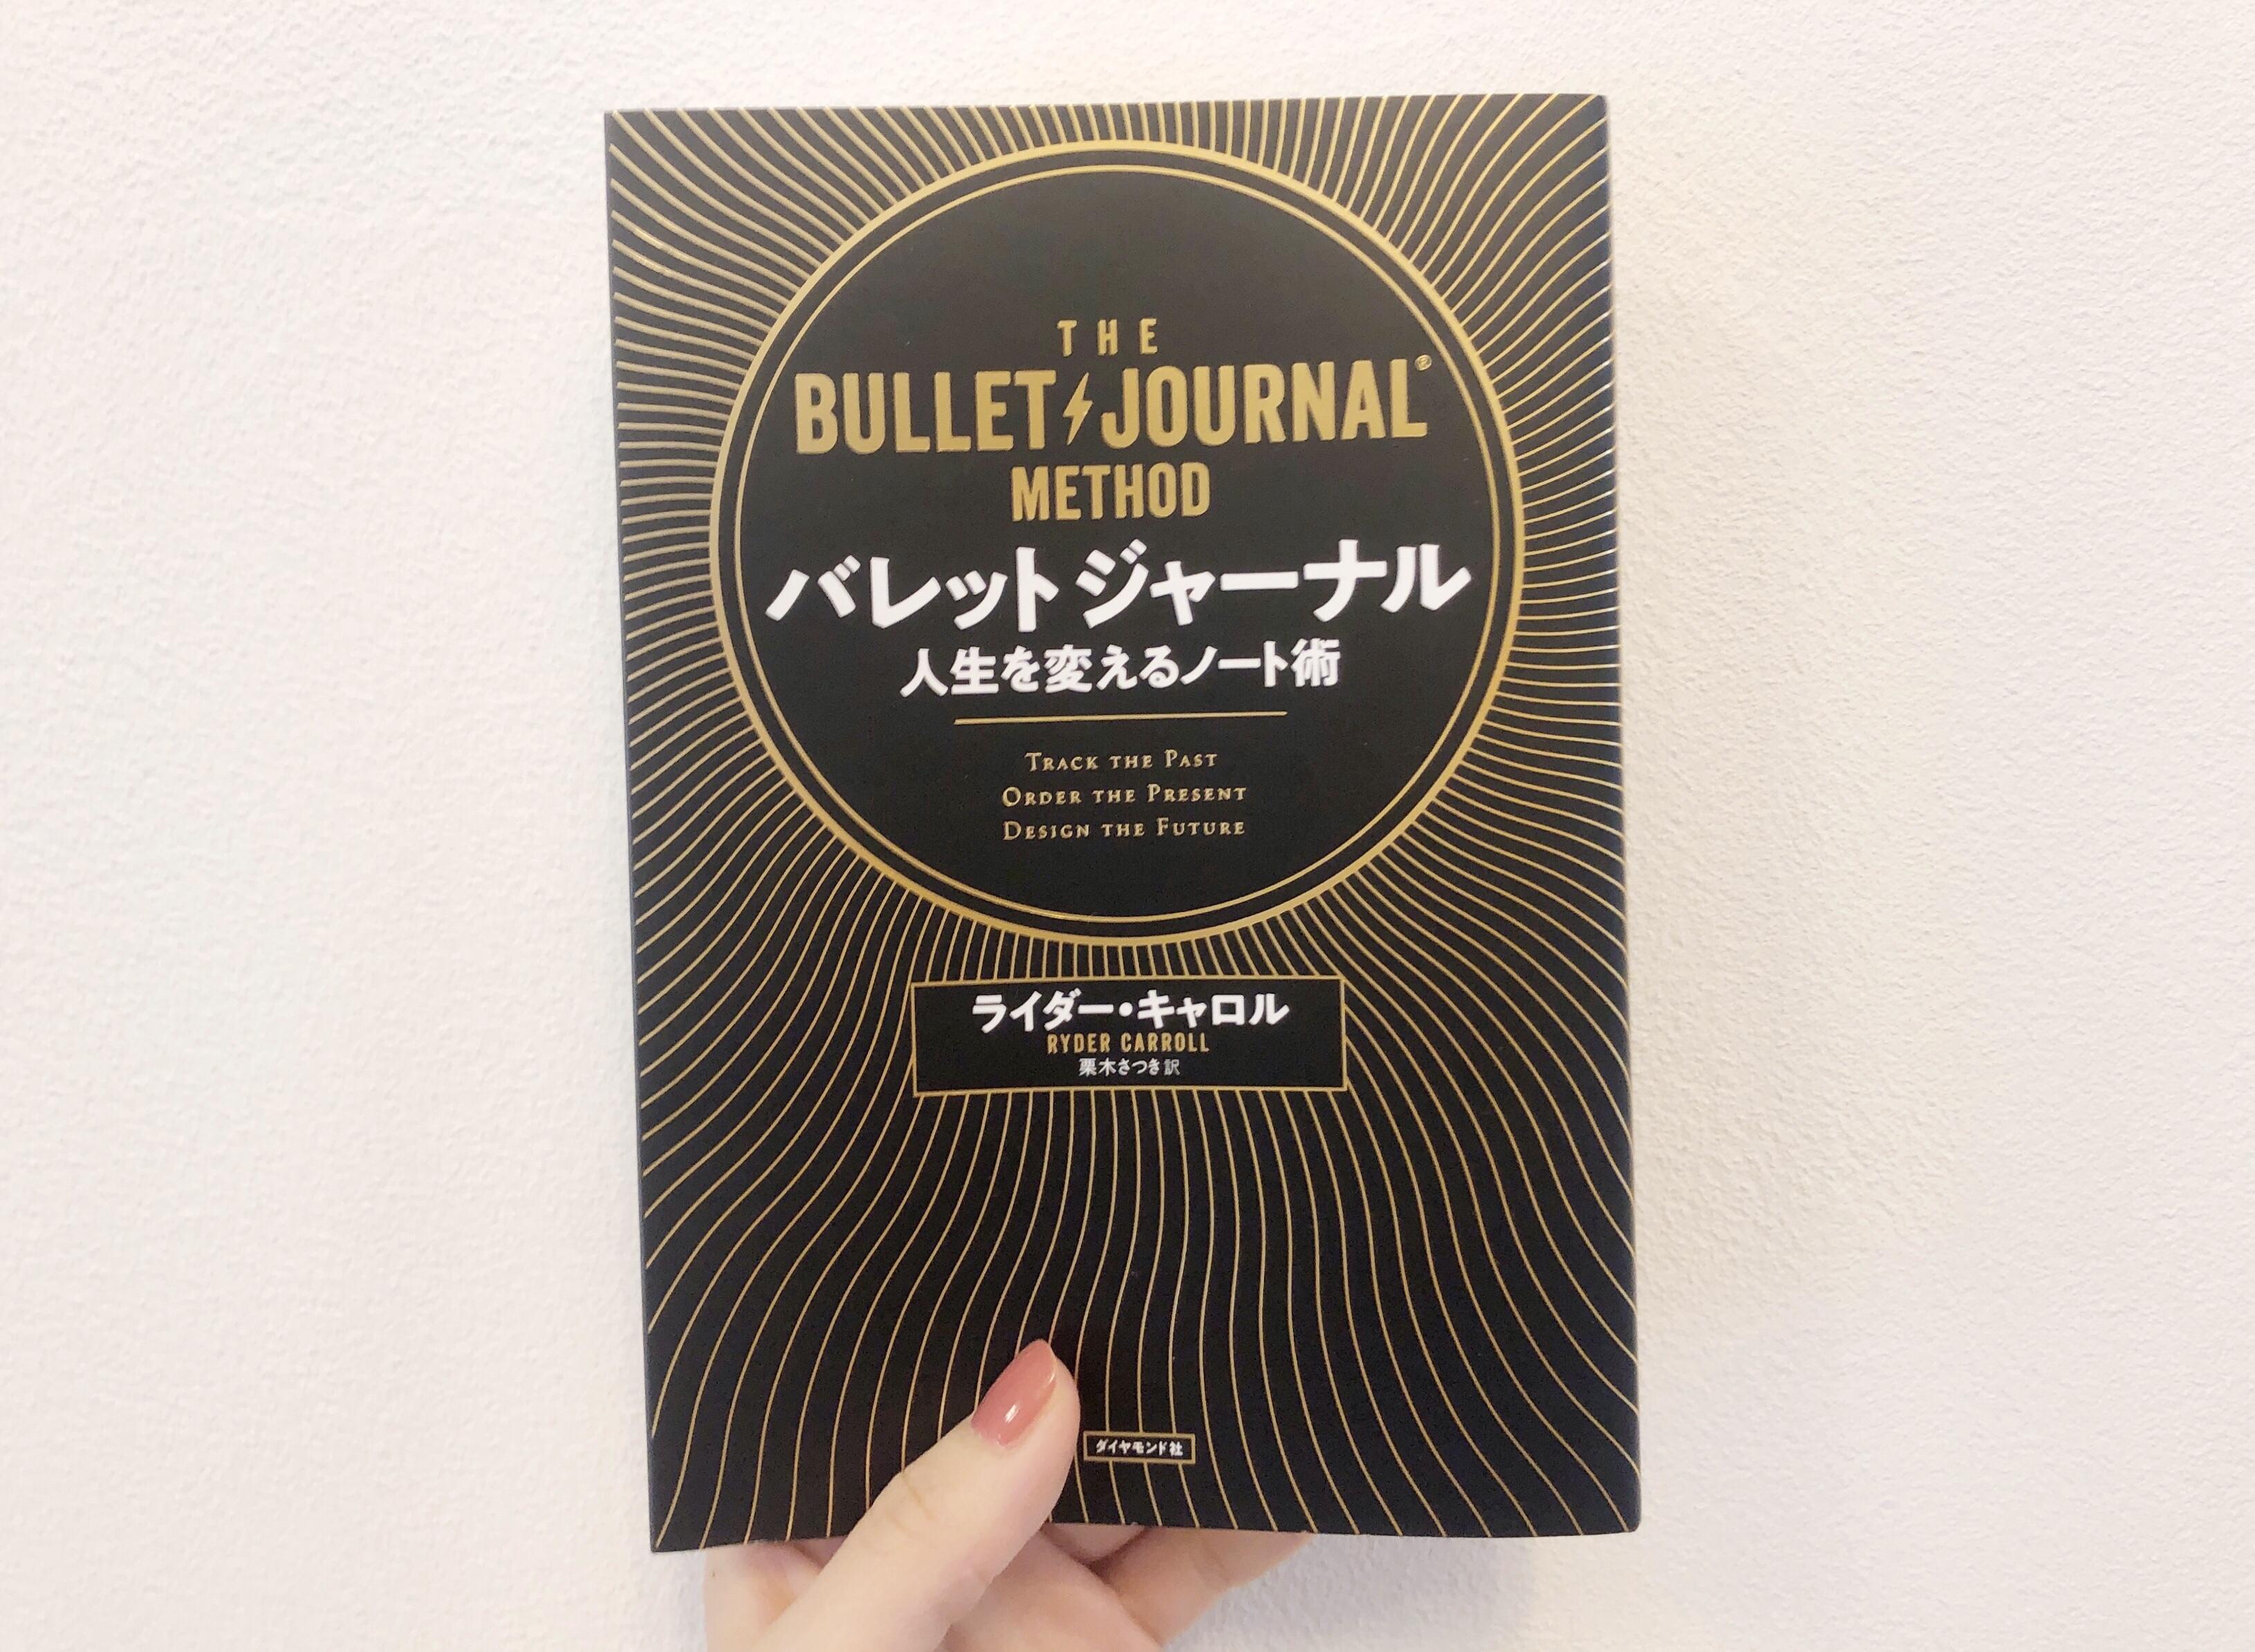 バレットジャーナル発案者ライダー・キャロル氏対談 – STATIONERY ...